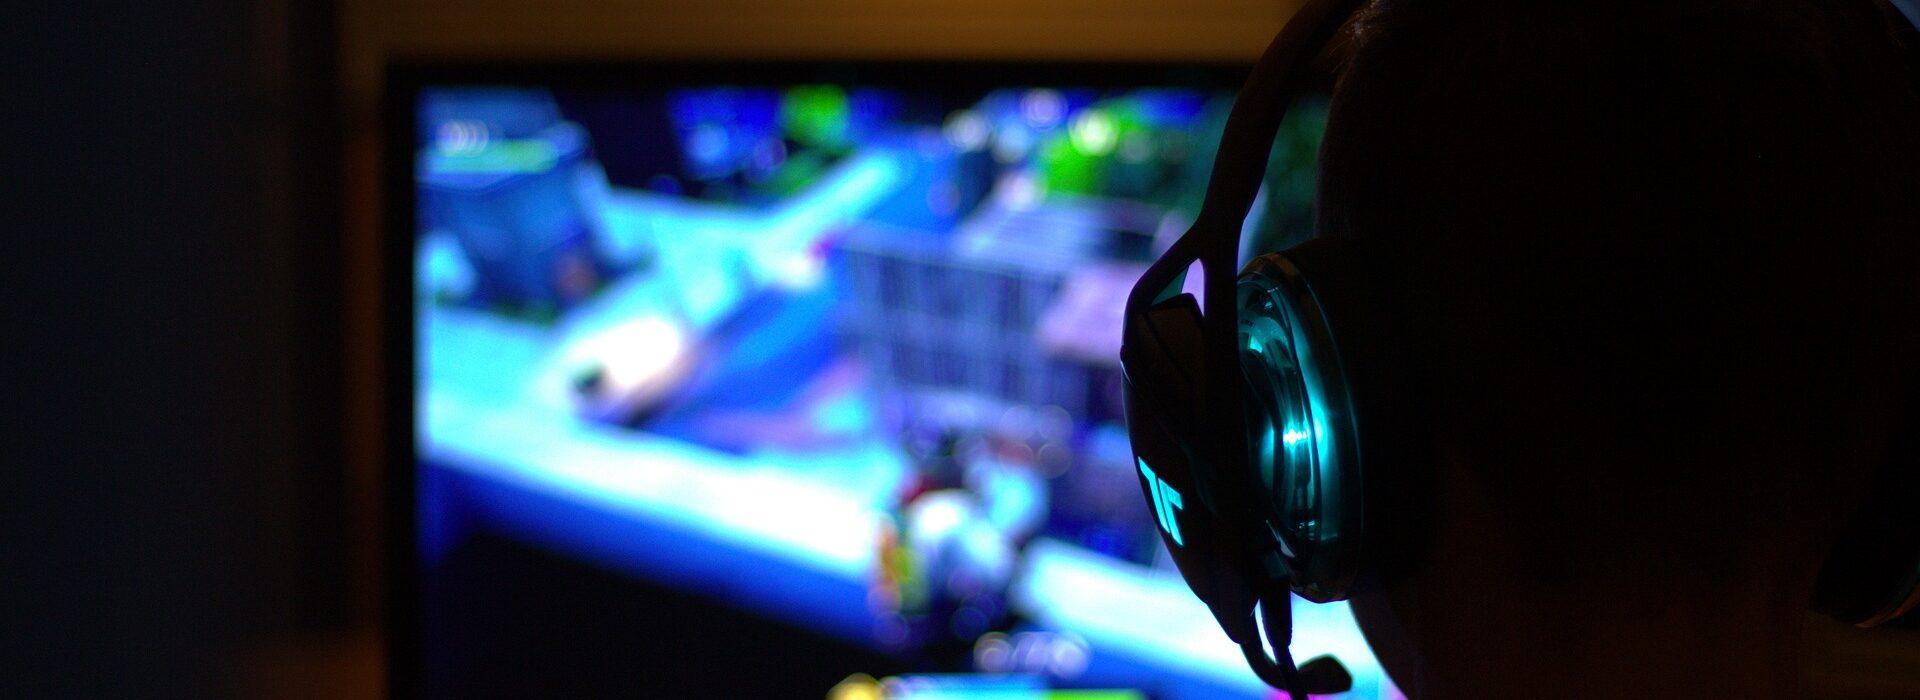 person sitter i mörkret framför datorn och spelar spelet Fortnite